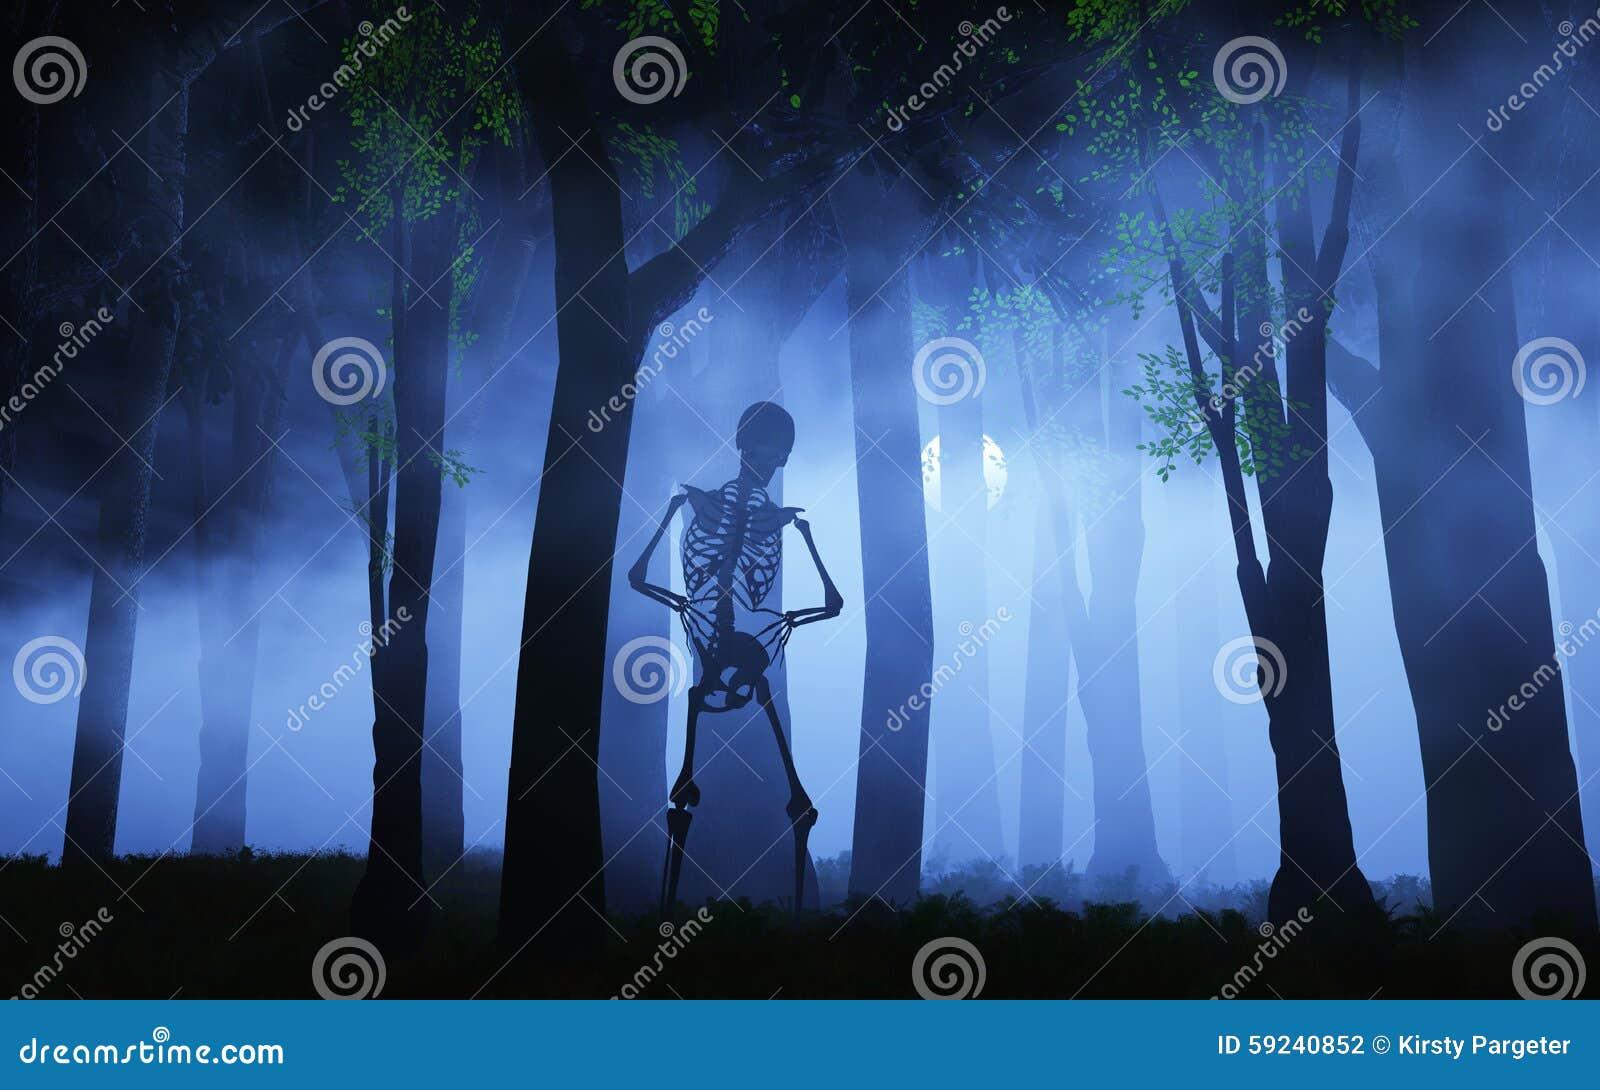 Fondo de 3D Halloween de un esqueleto en un bosque de niebla